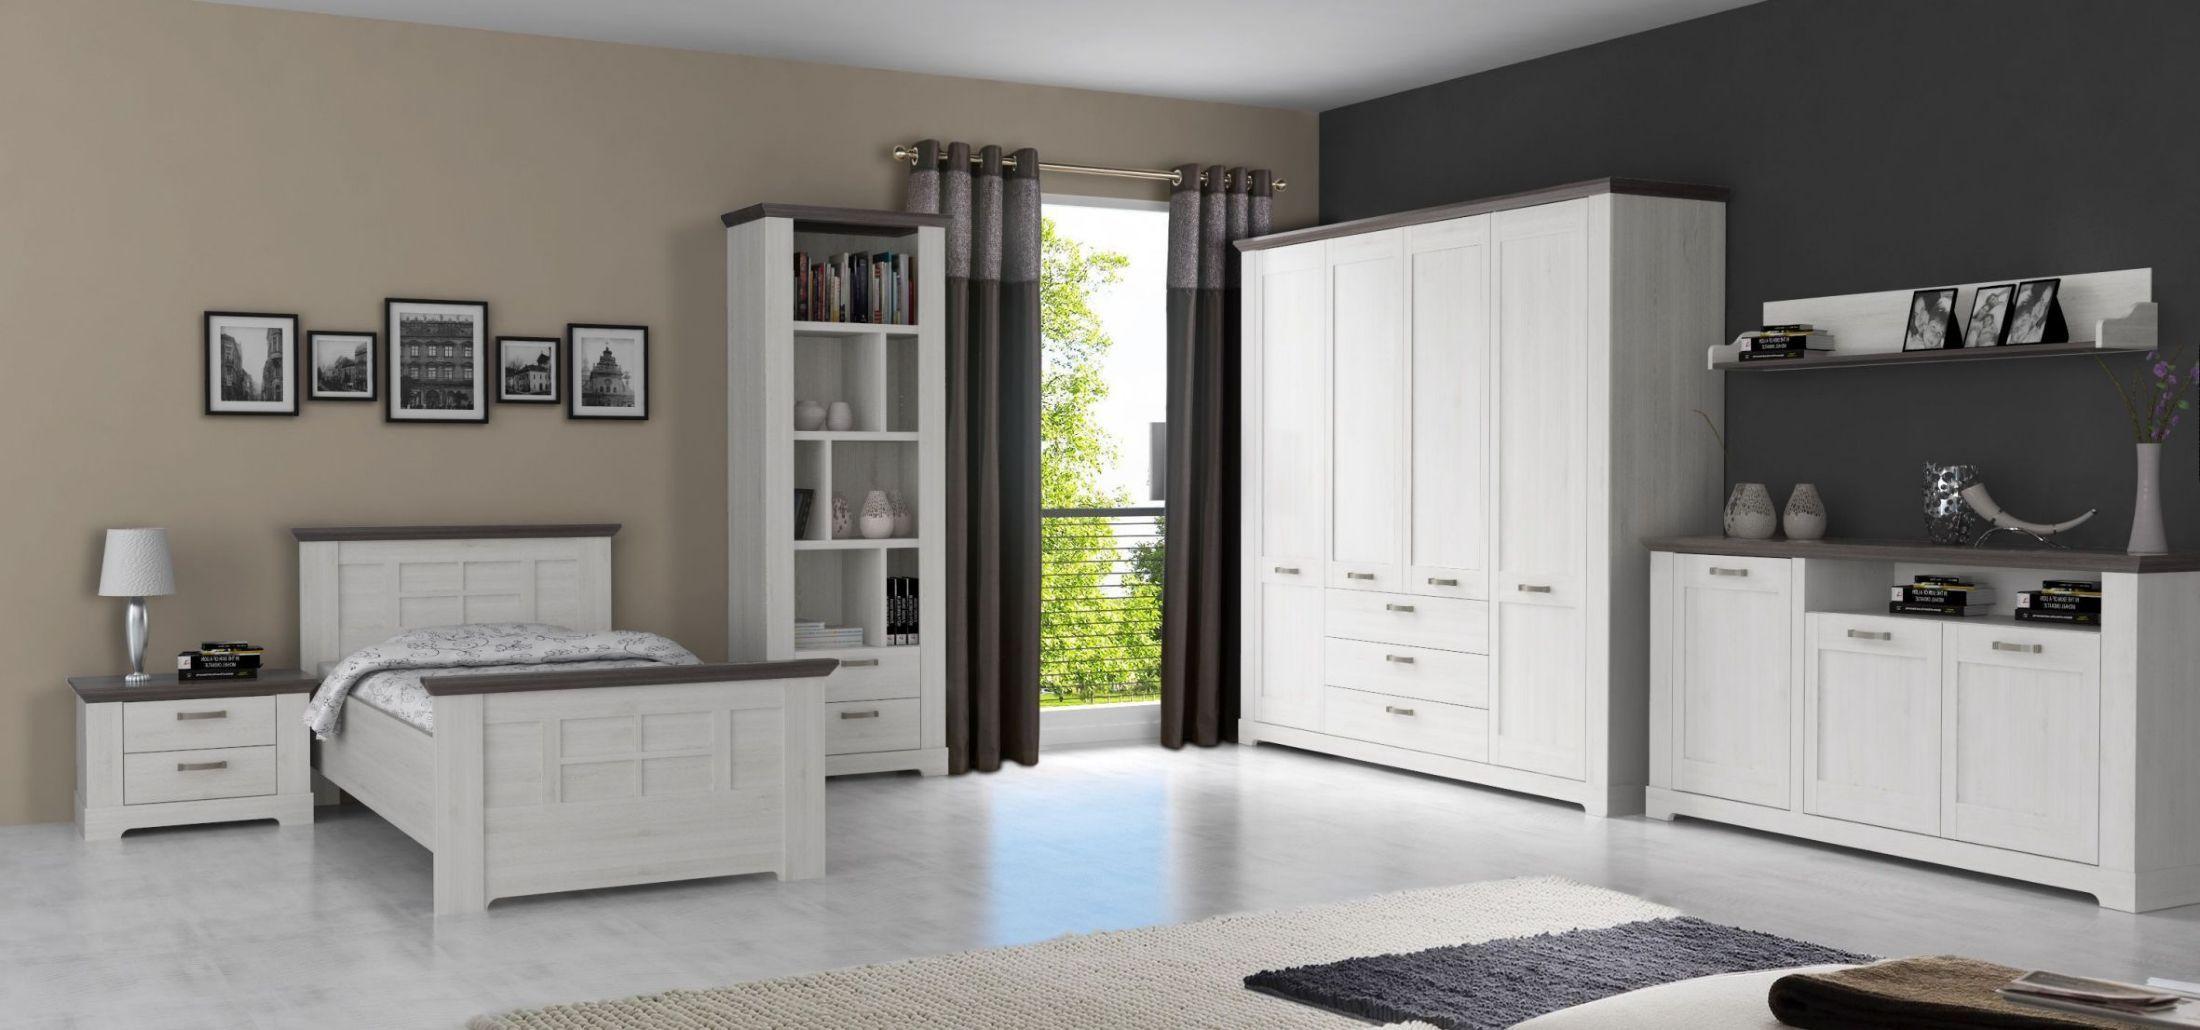 Schlafzimmer Schneeeiche/ Pinie Grau Mit Sideboard Woody 77 01047 Weiss Holz  Modern Jetzt Bestellen